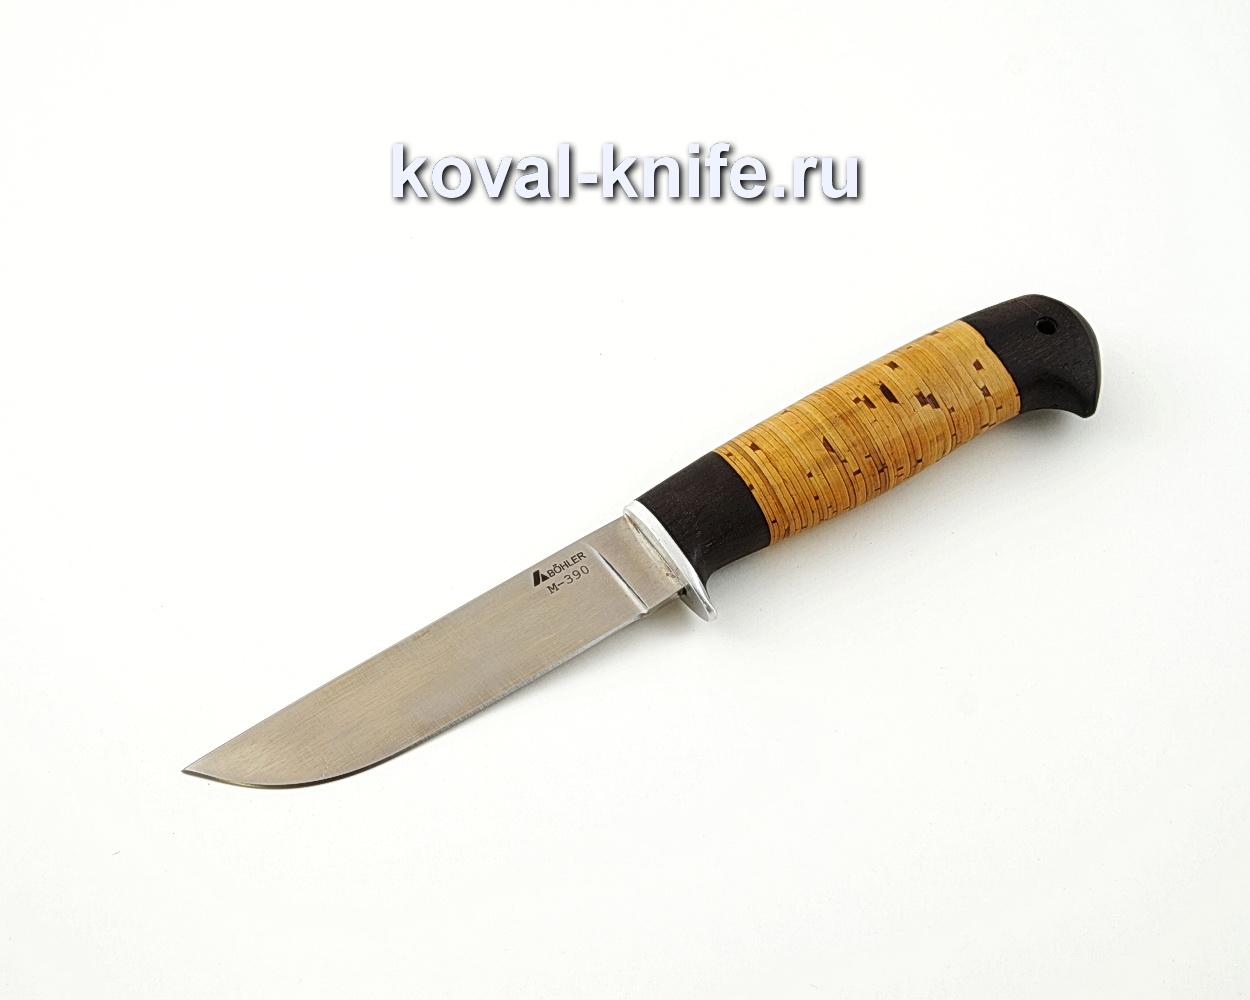 Нож Белка из порошковой стали М390 с рукоятью из бересты и граба A586